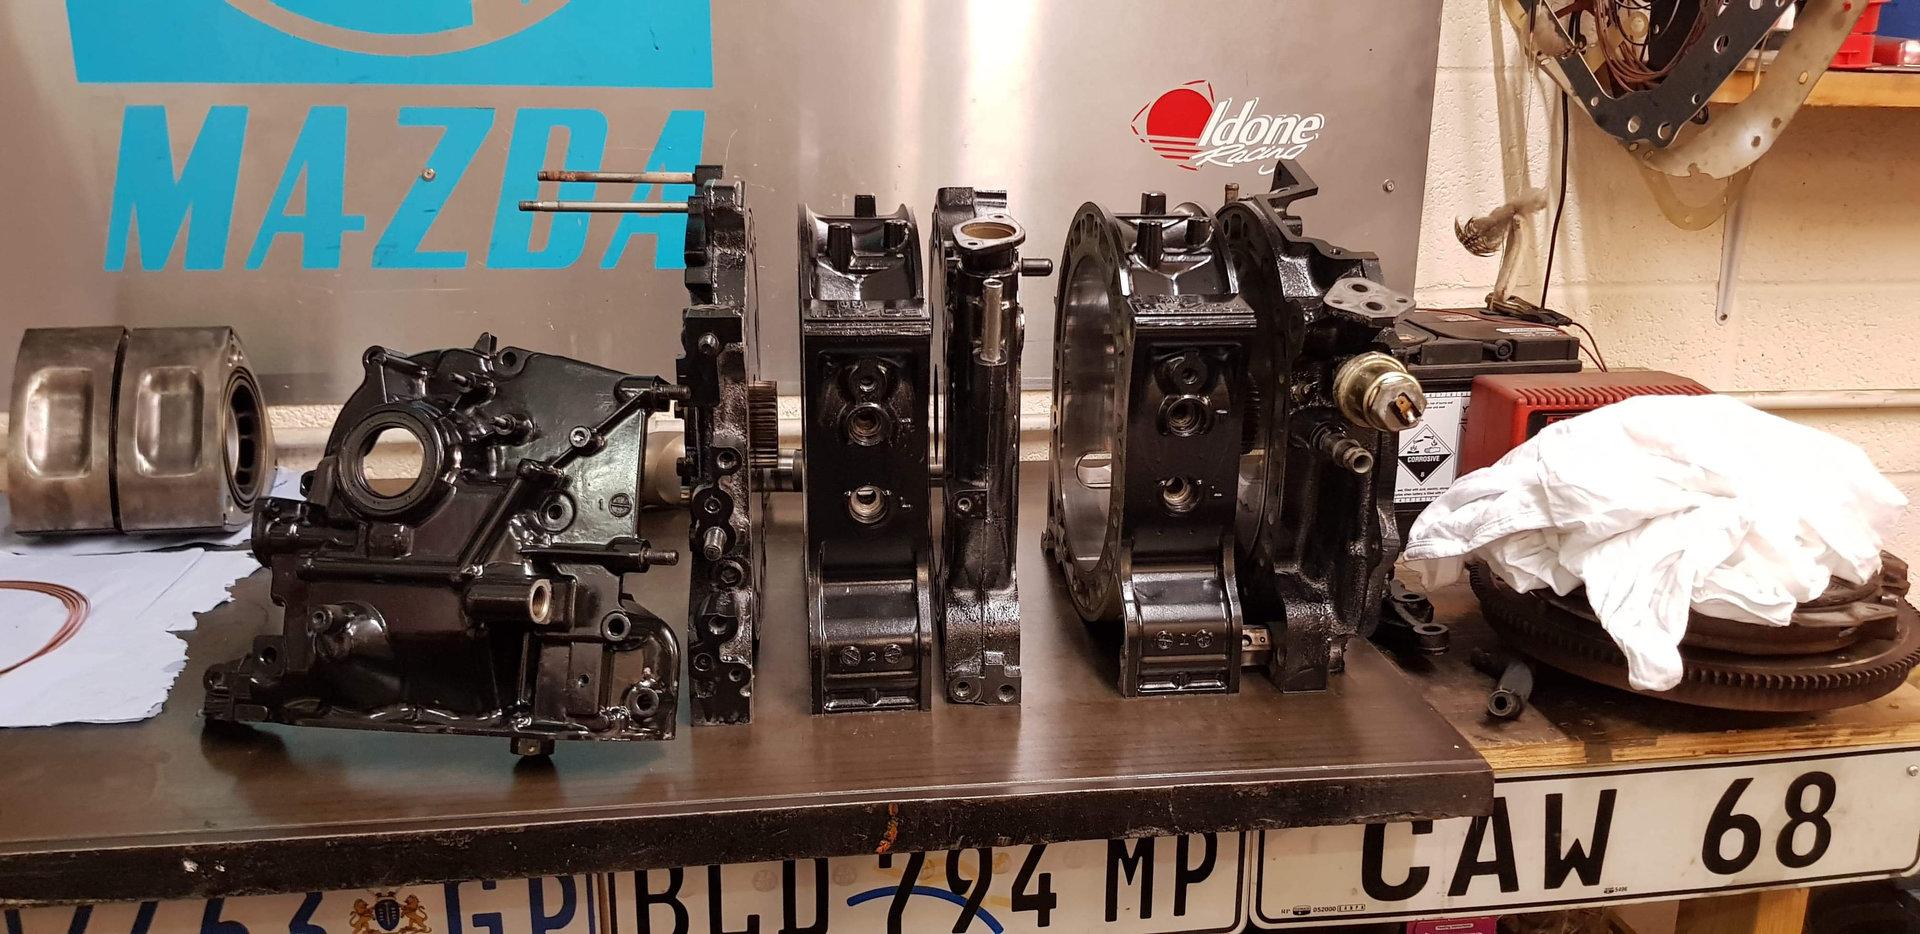 D42B8A01-92A3-45DB-A8DB-4B4295BAC3FE.jpeg